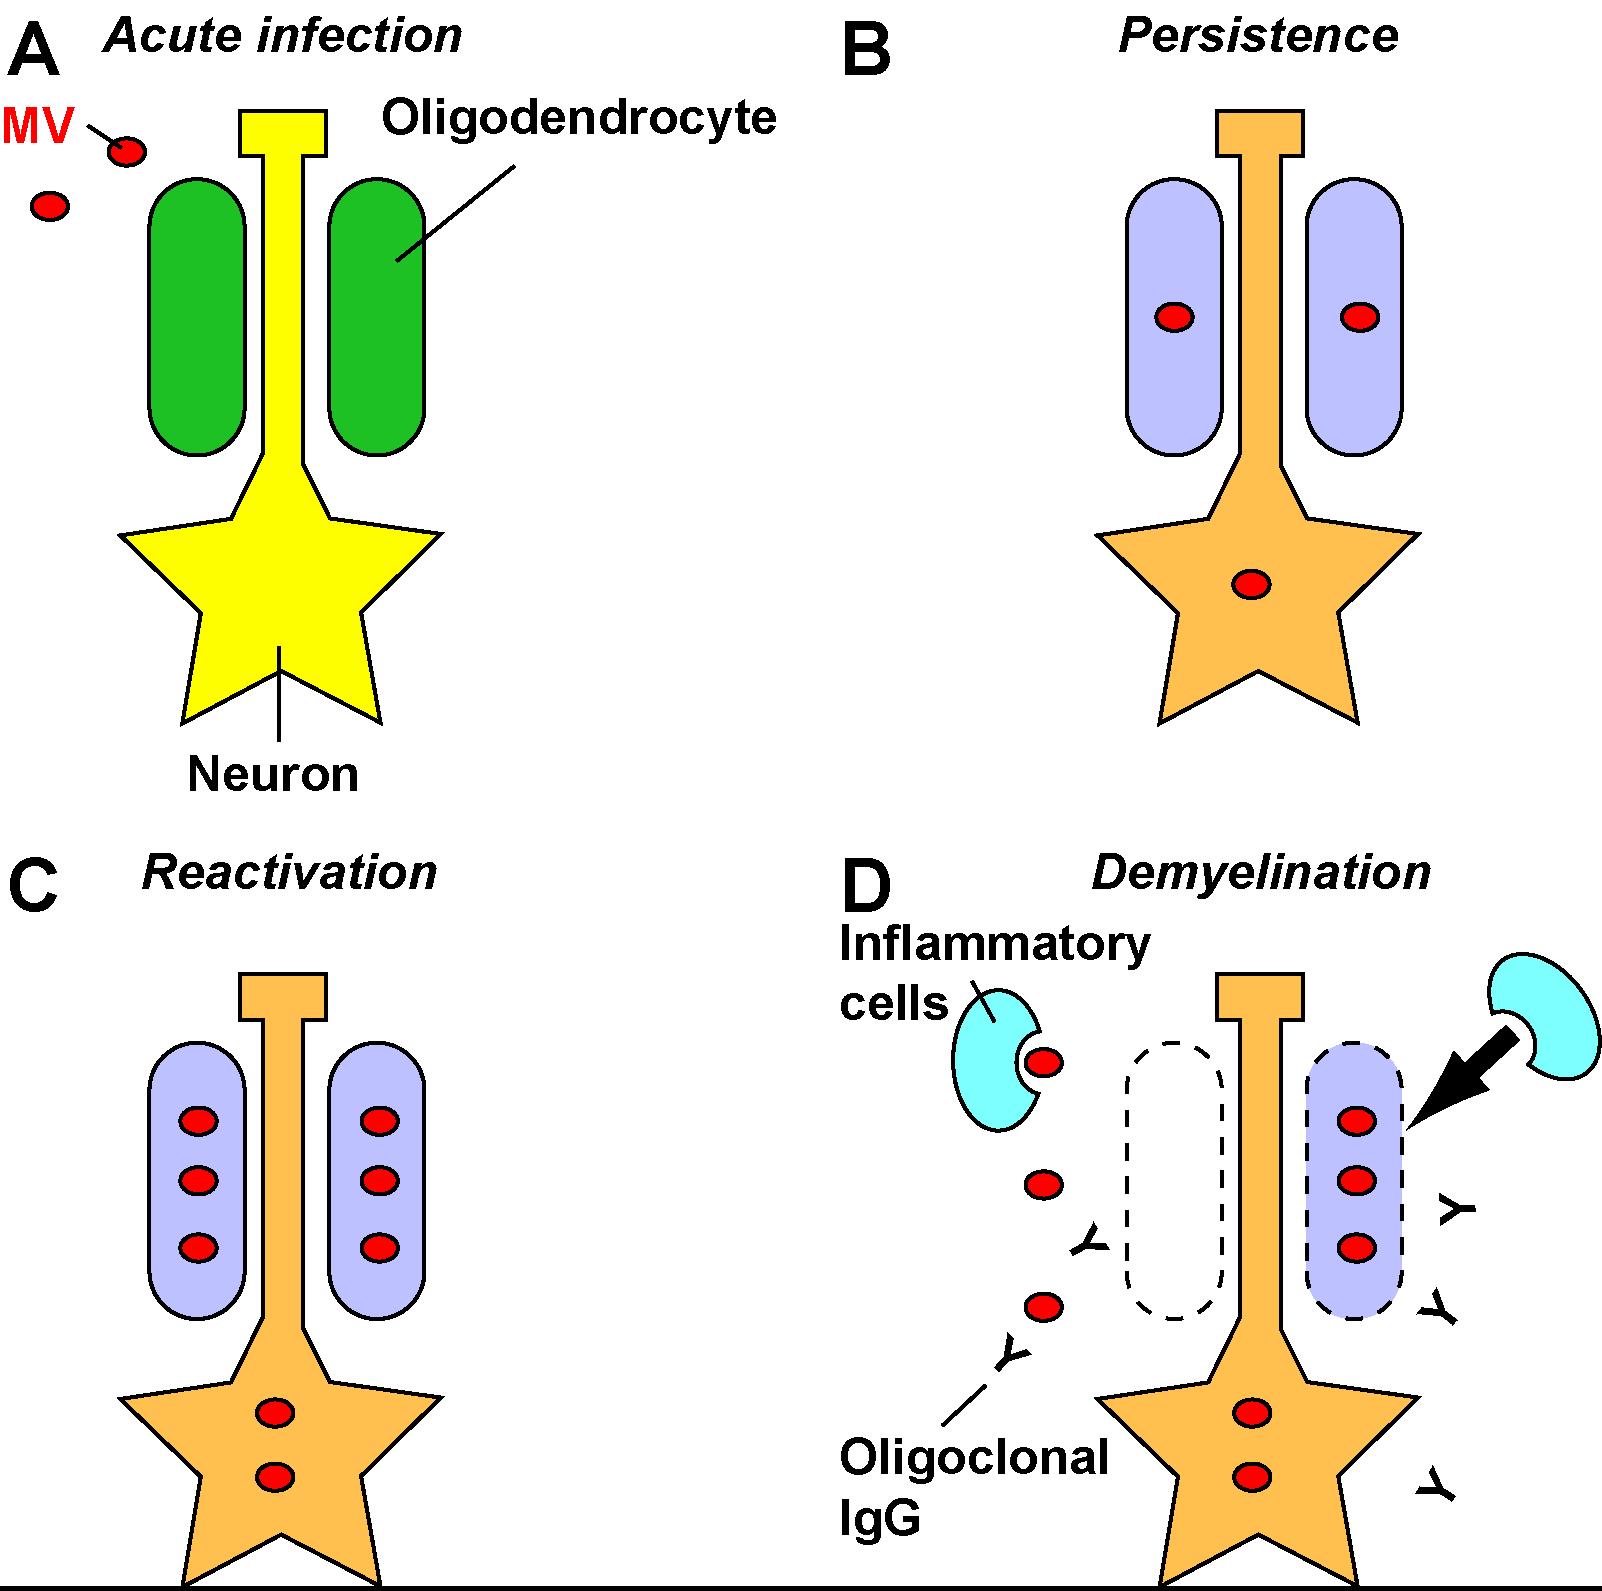 Pathogenesis of Encephalitis Caused by Persistent Measles Virus ...